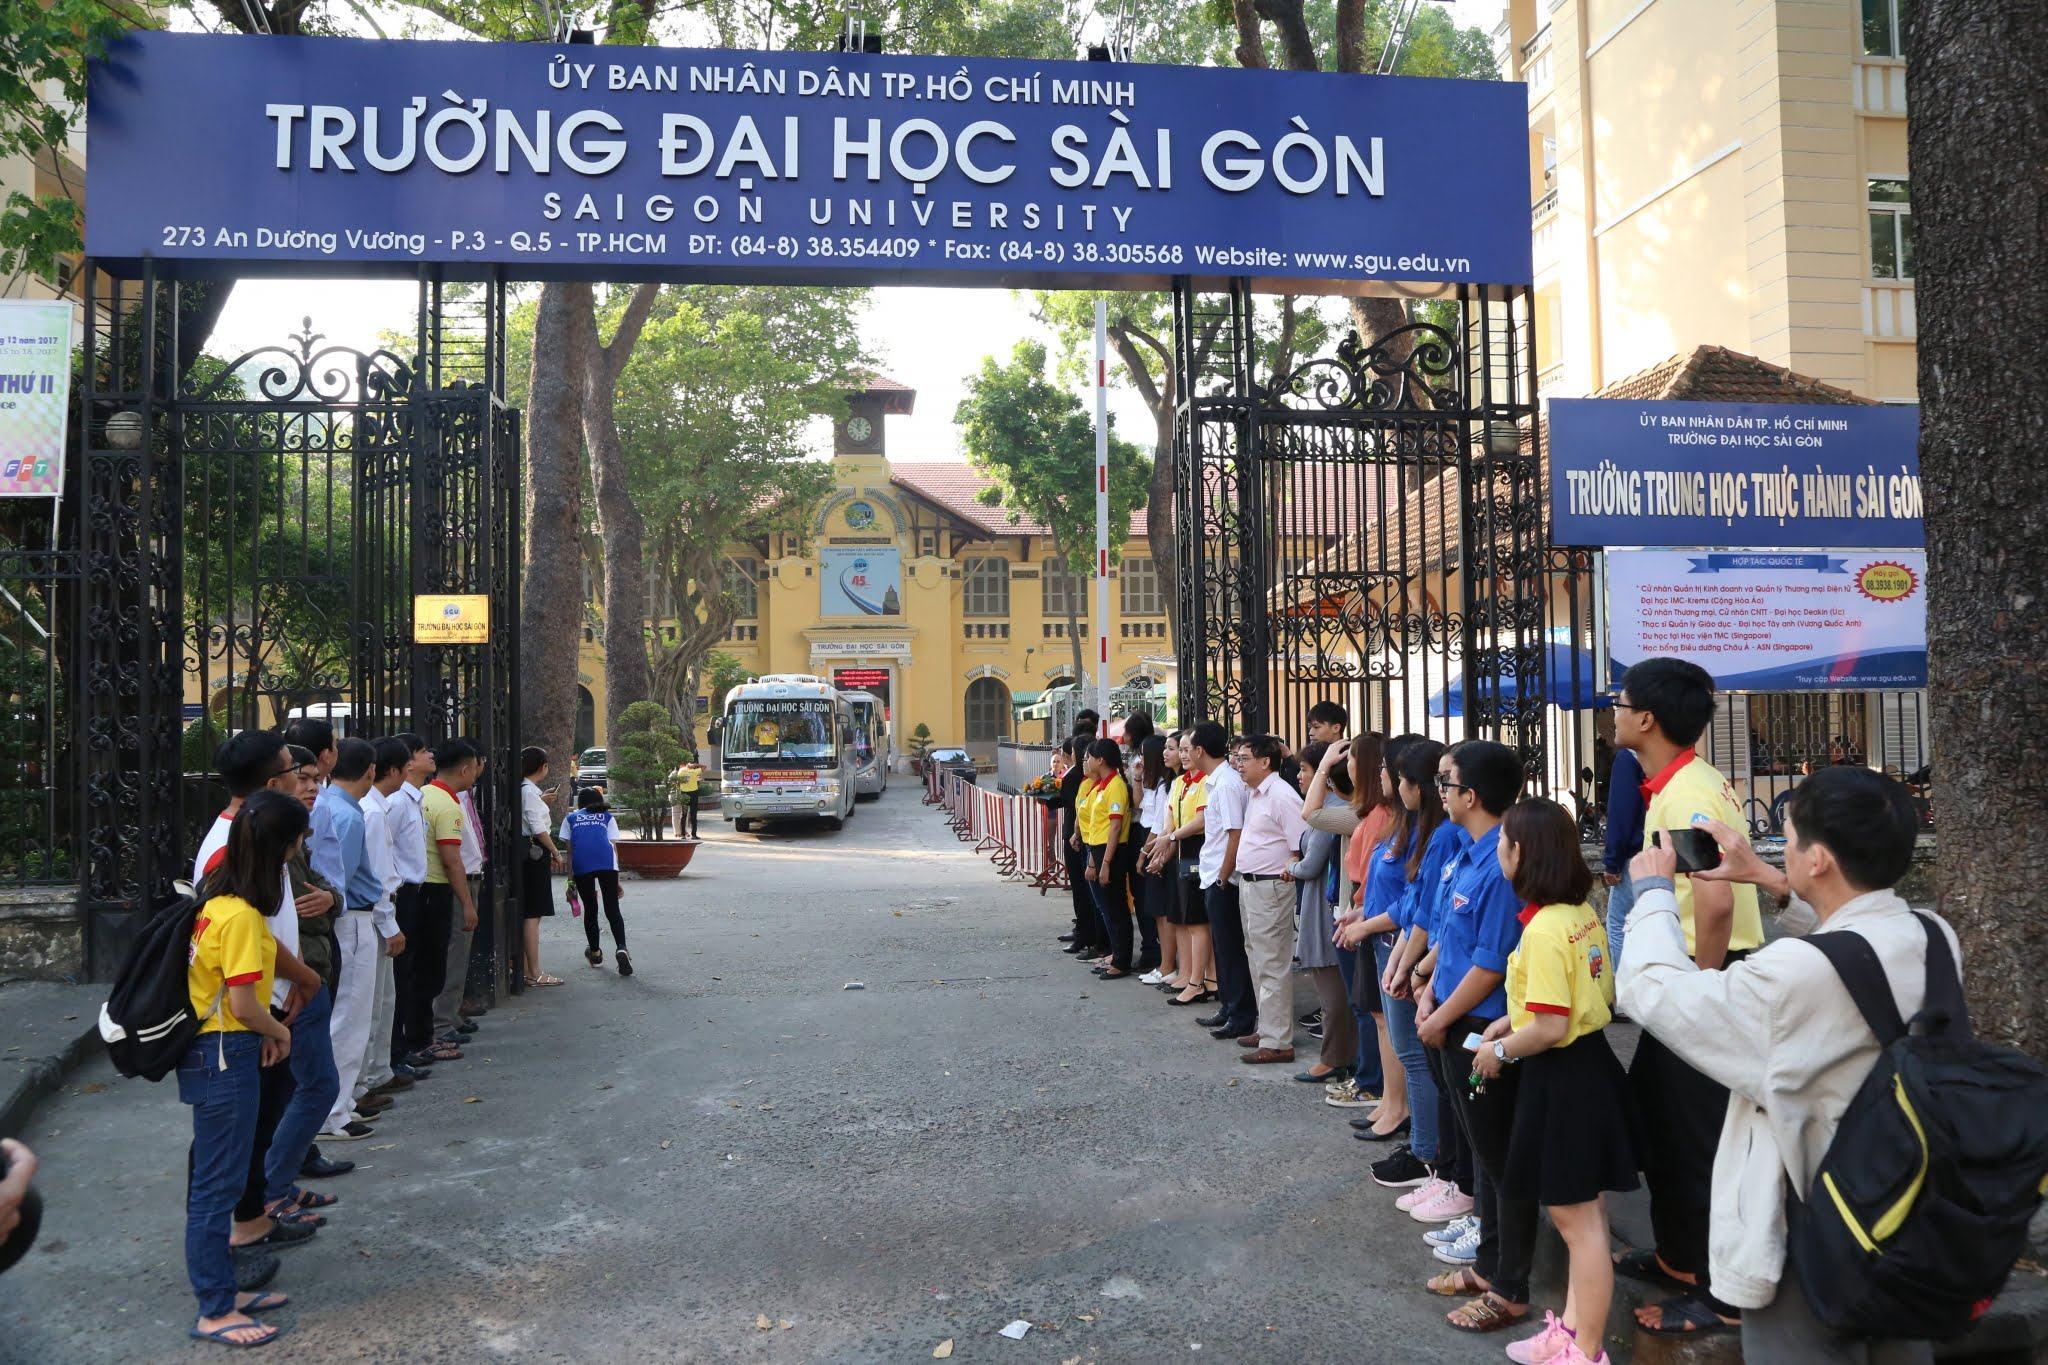 Trường Đại học Sài Gòn thành phố Hồ Chí Minh